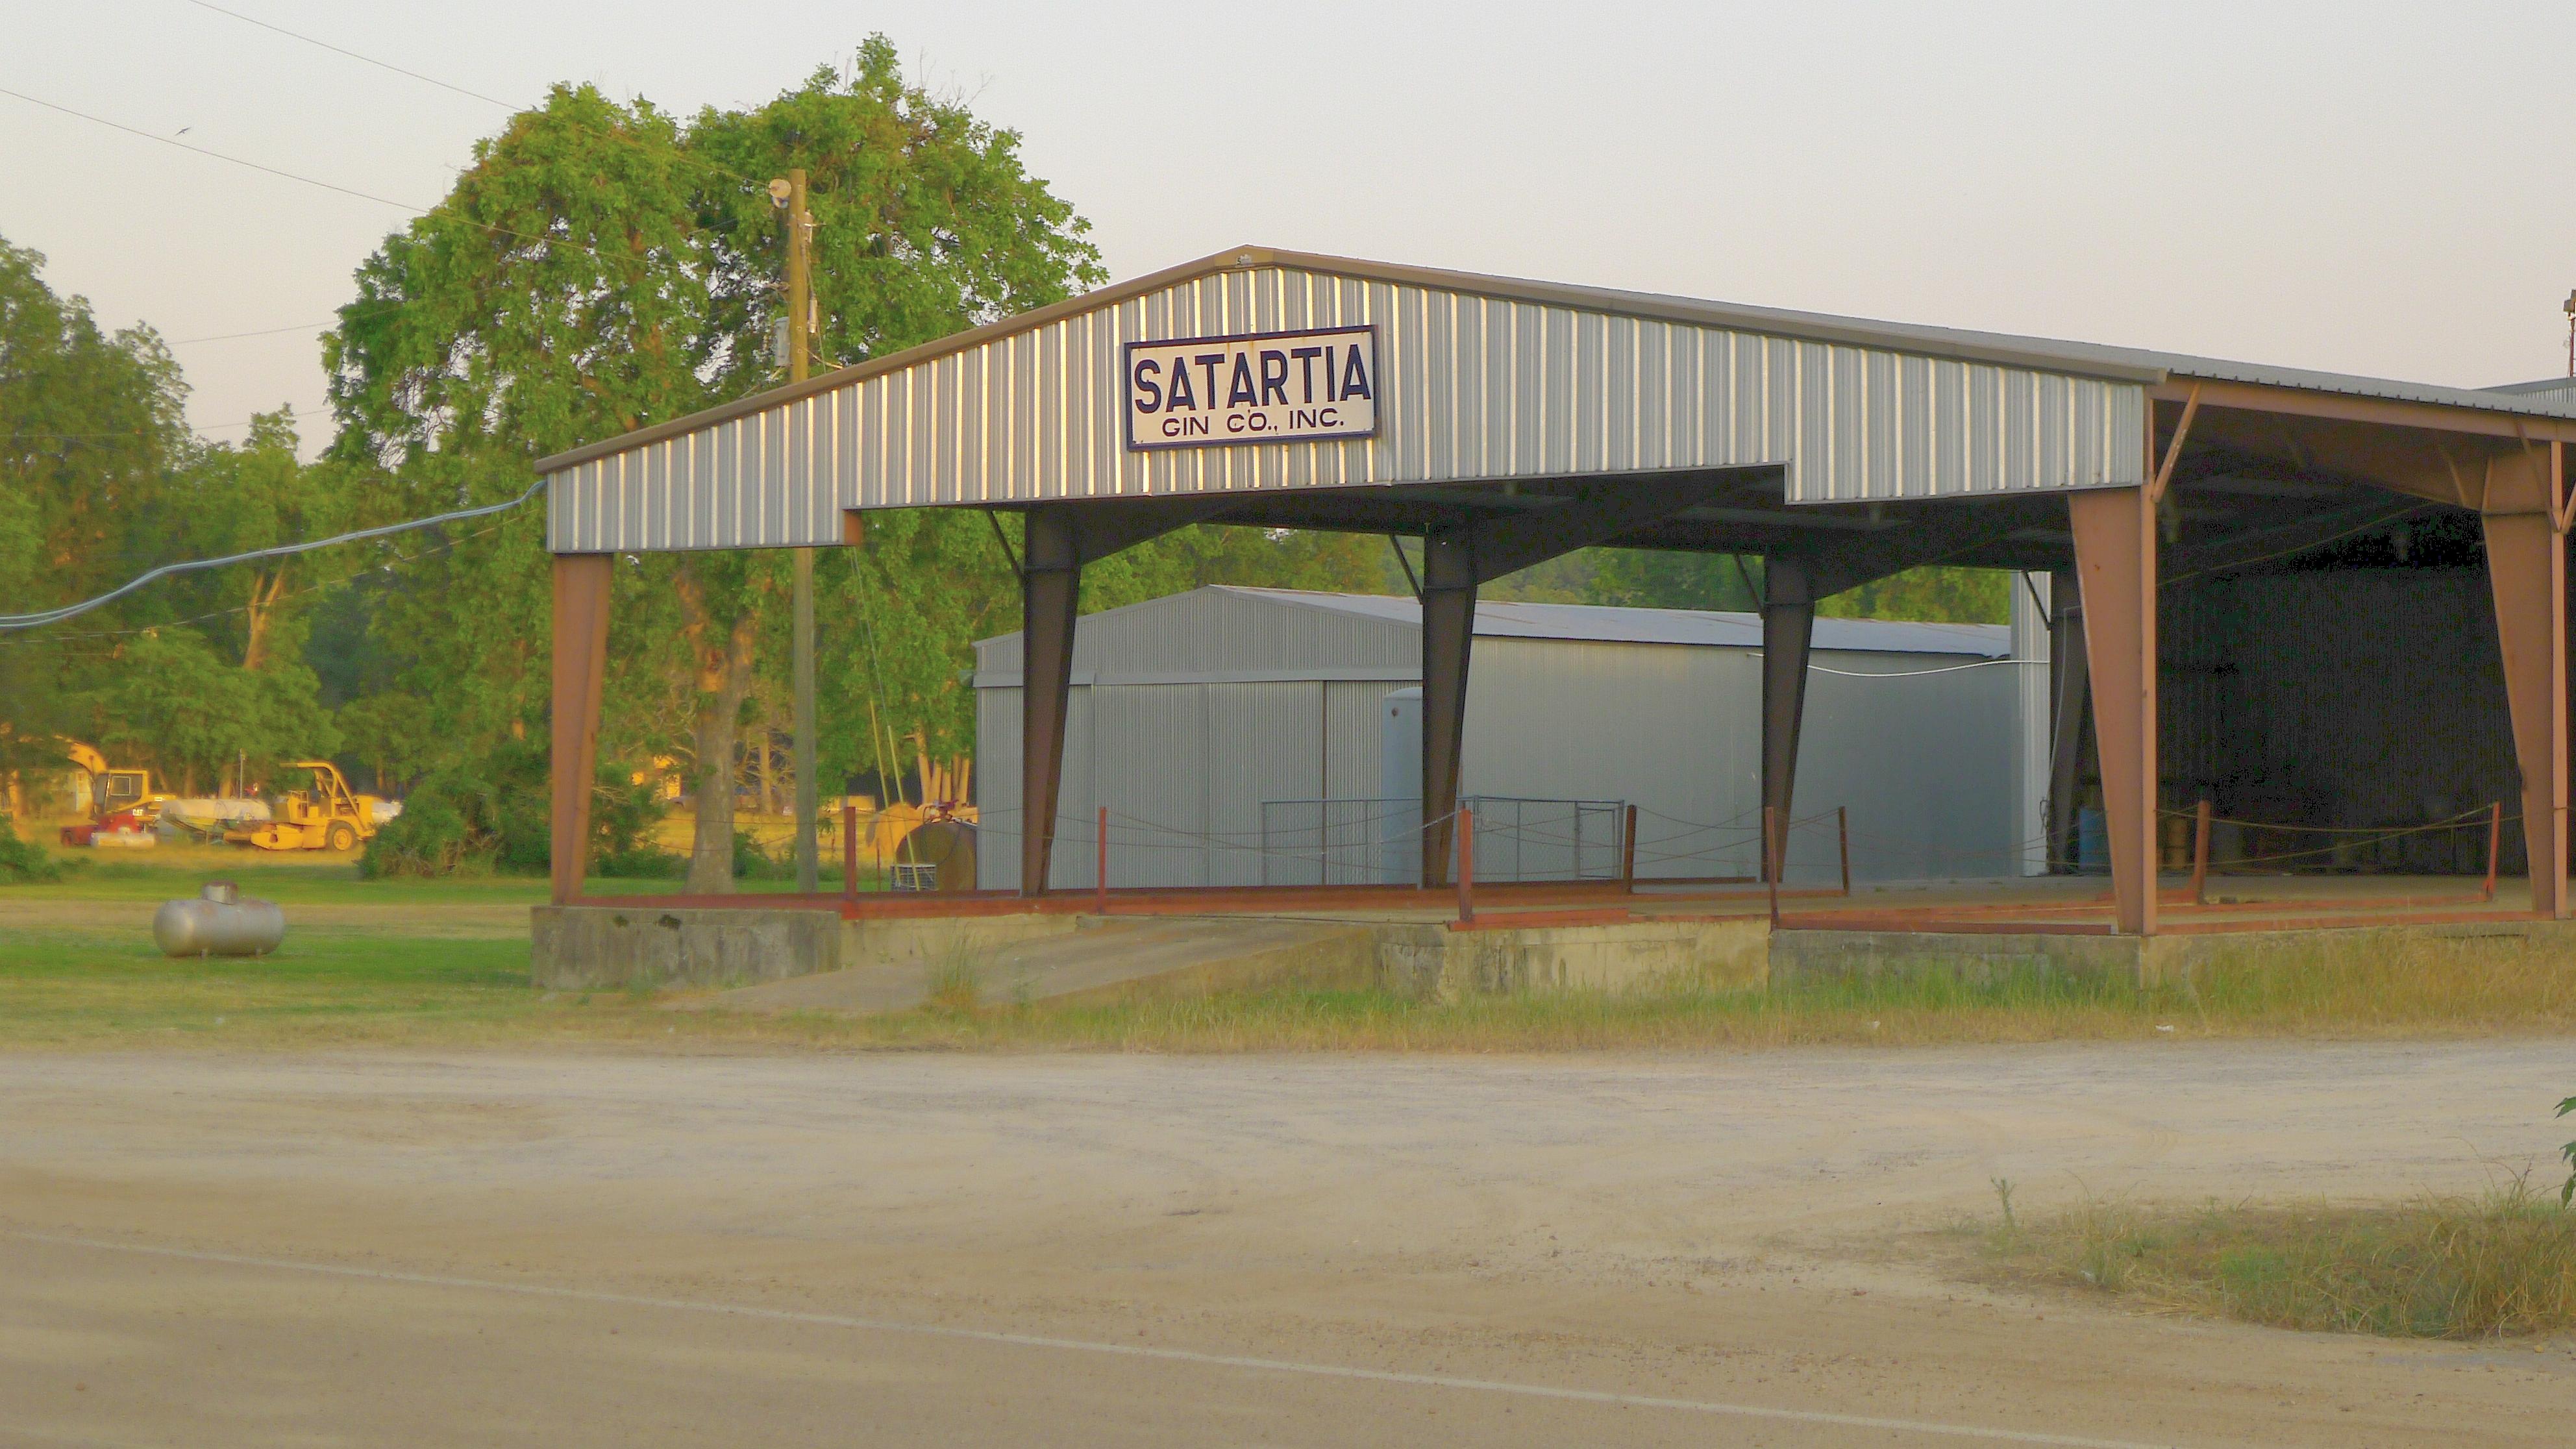 Satartia, Mississippi